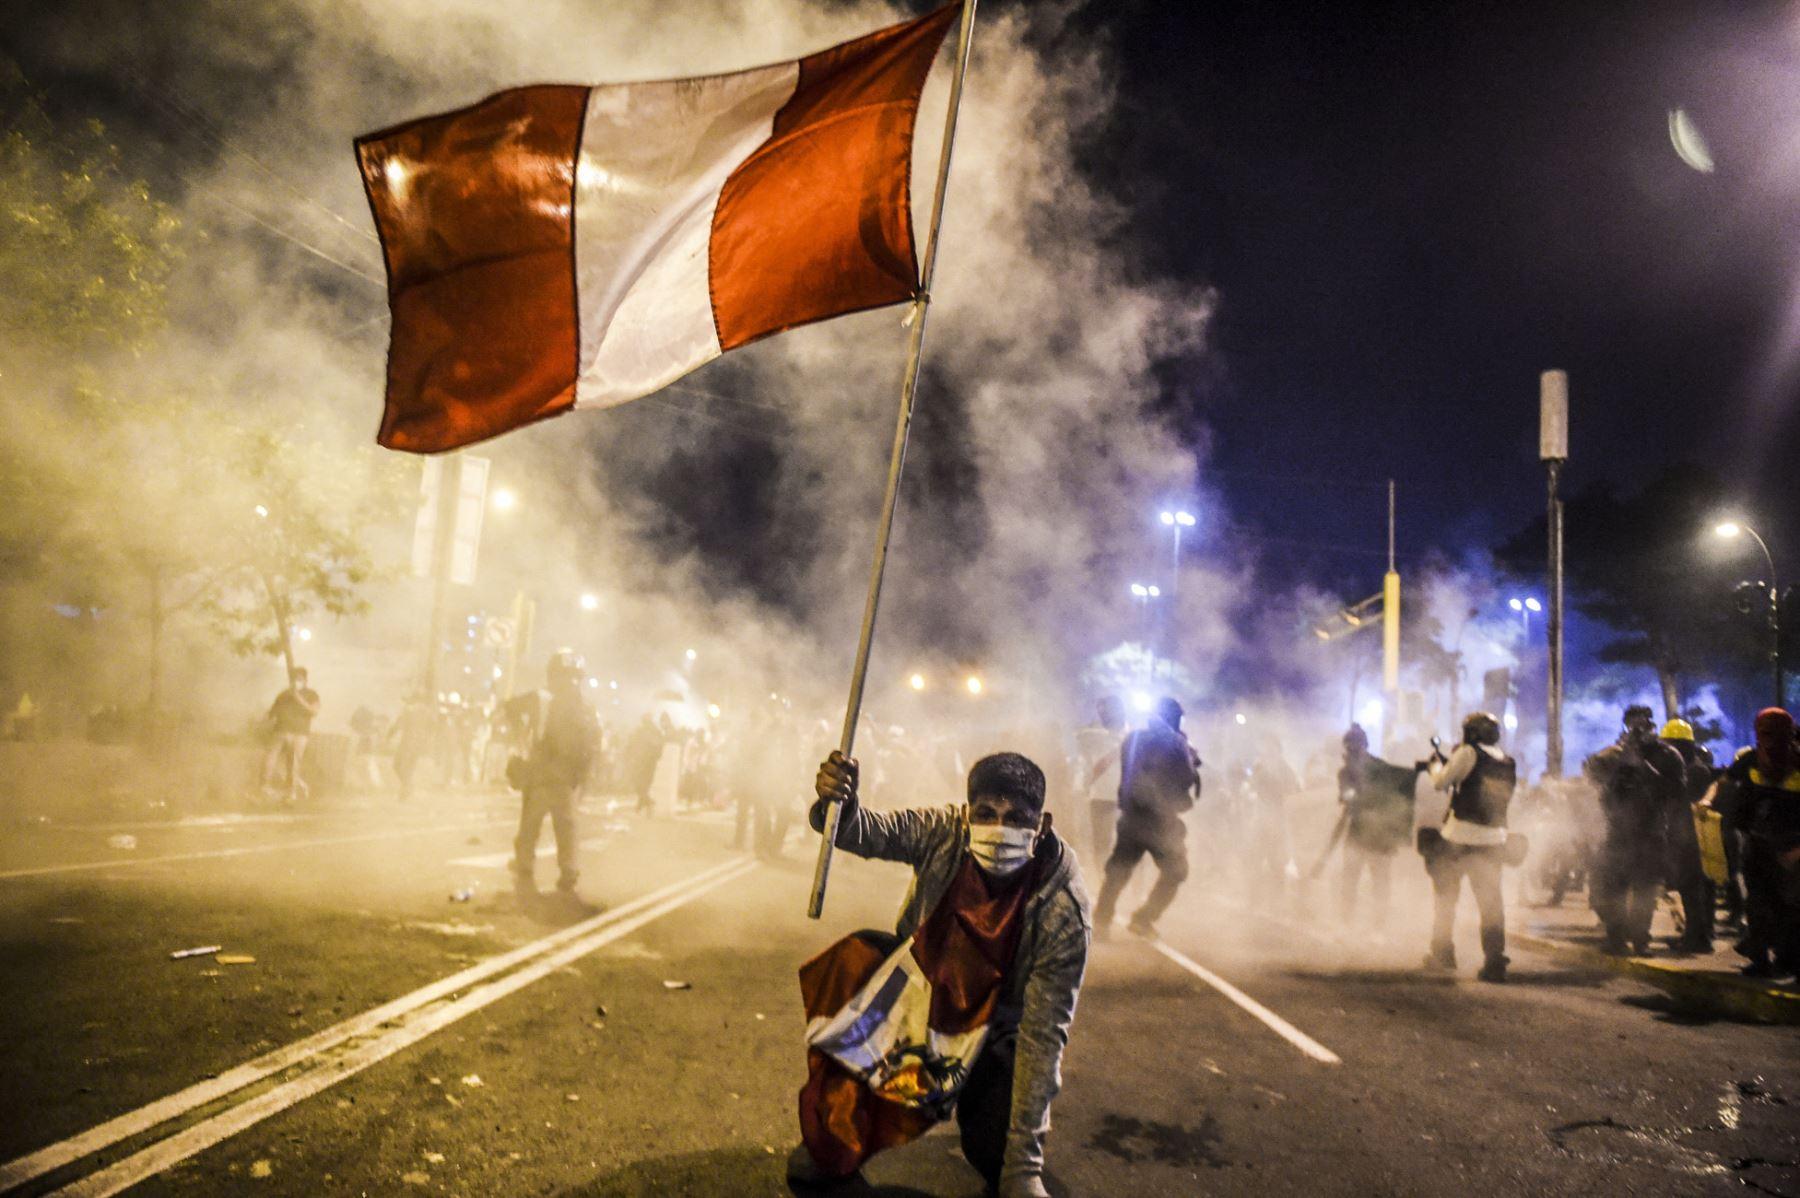 Noticias de actualidad, serie: el segundo lugar lo ocupa el fotógrafo peruano Ernesto Benavides. Un manifestante sostiene la bandera peruana durante las protestas que exige la renuncia de Manuel Merino a la presidencia, el 14 de noviembre del 2020, en Lima. Foto: Ernesto Benavides/AFP